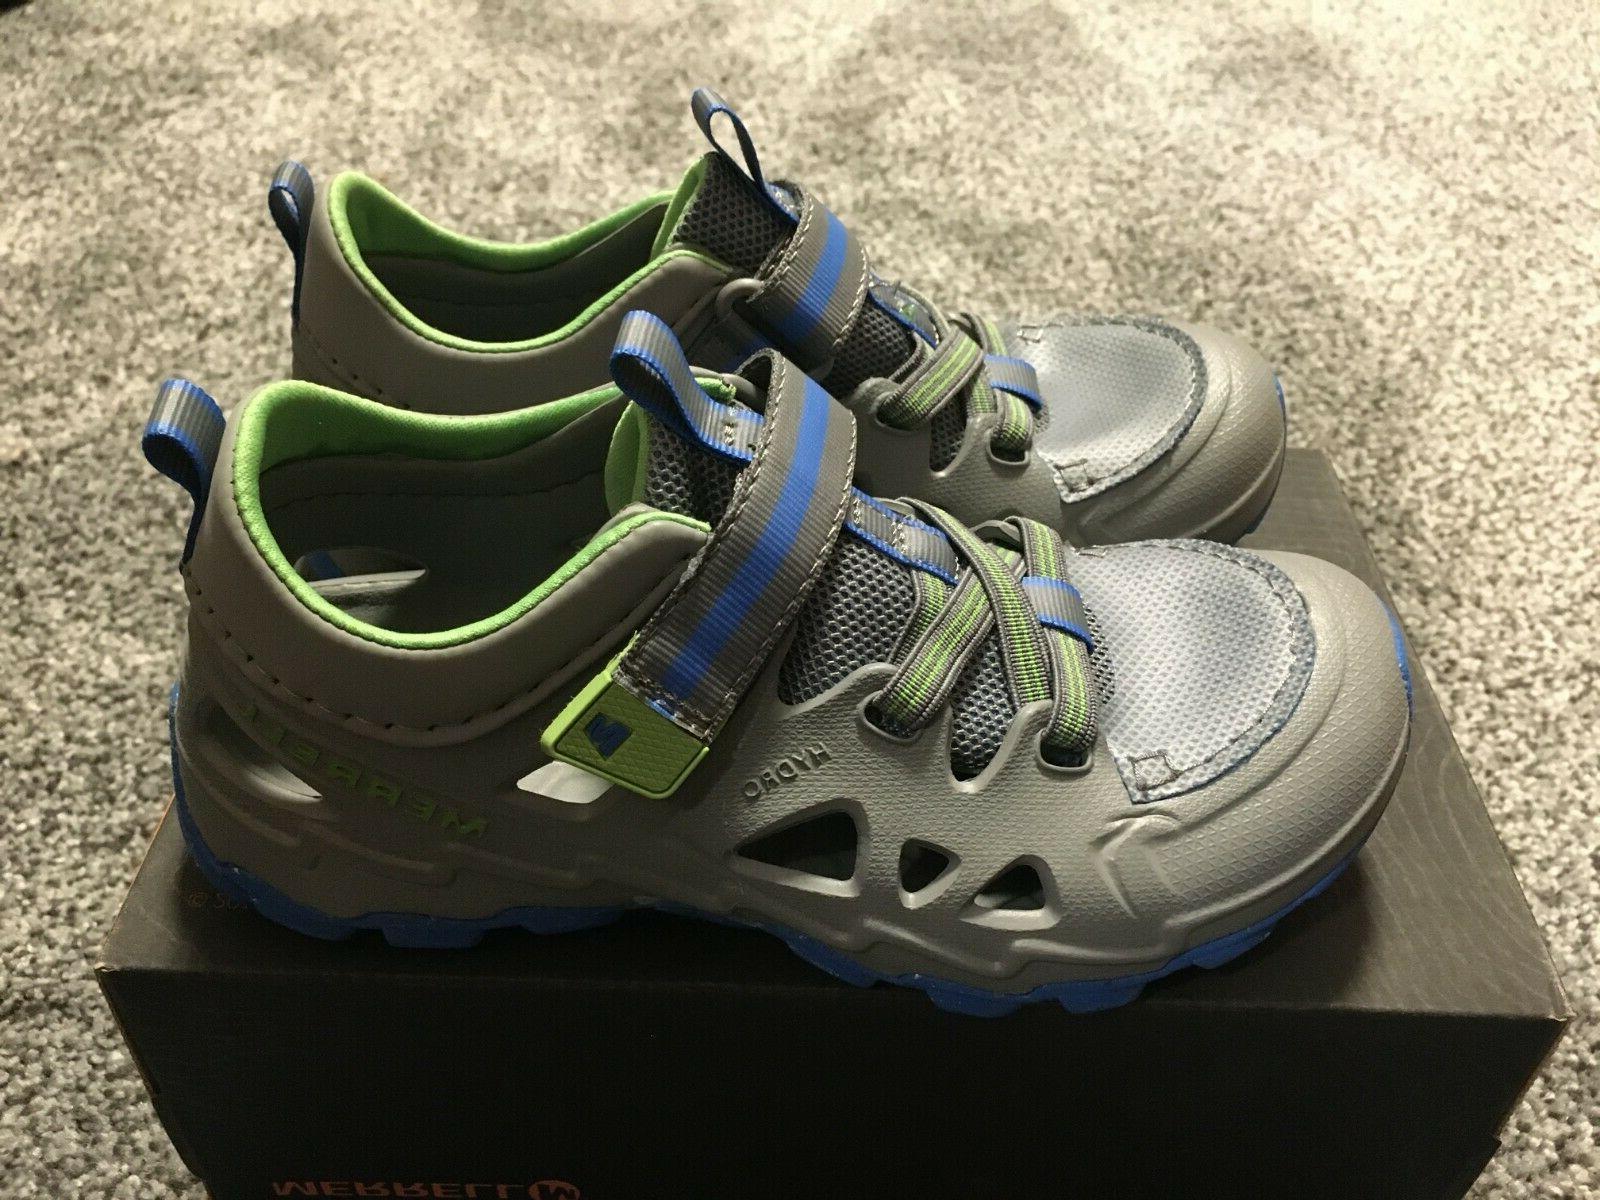 boy shoes size 12 ml hydro 2